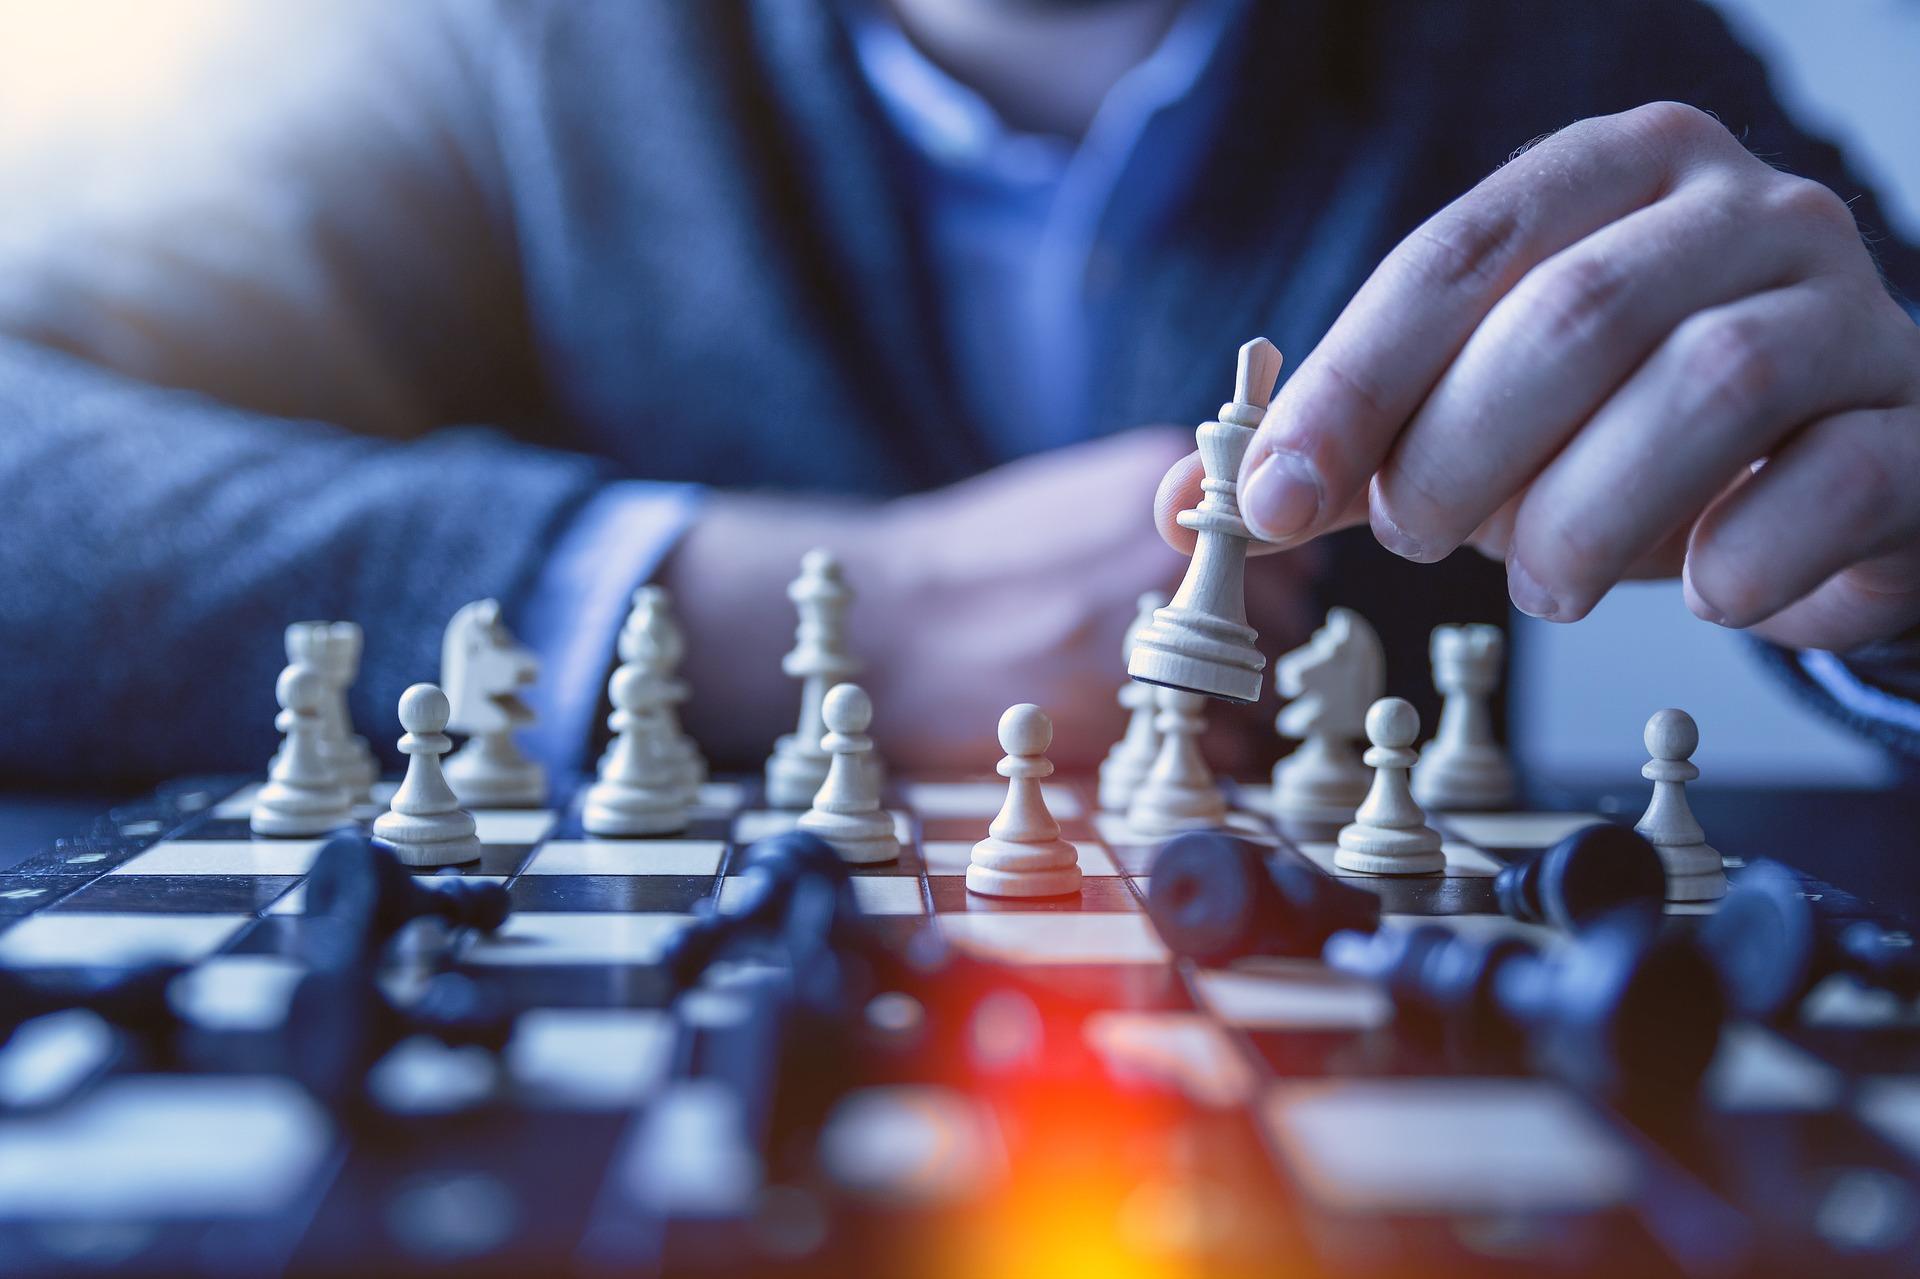 Conoce sobre la vida del campeón mundial de ajedrez: Garry Kaspárov